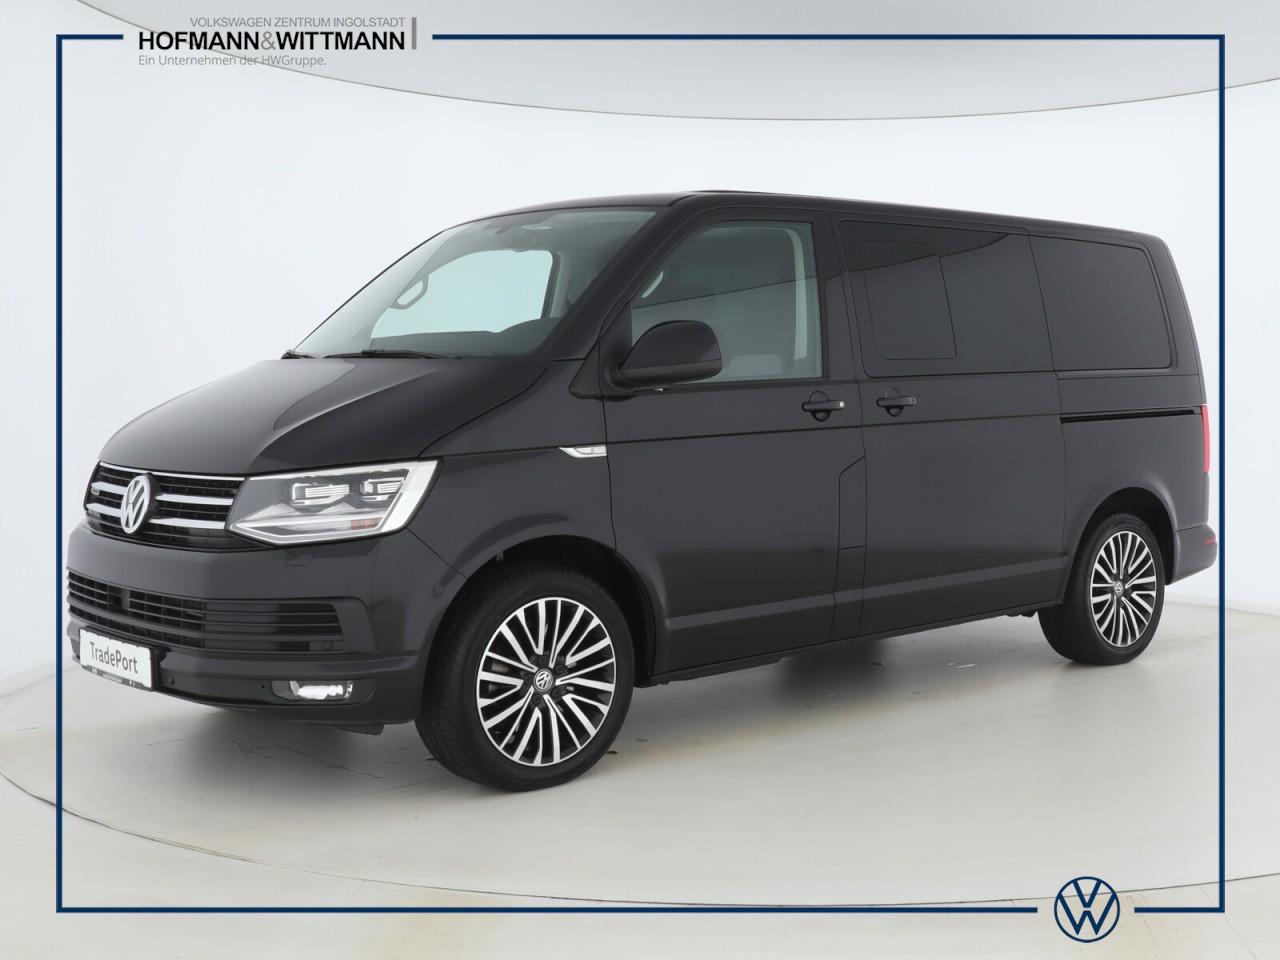 Volkswagen Multivan Comfortline 2.0 TDI DSG 4M Klima Navi, Jahr 2017, Diesel